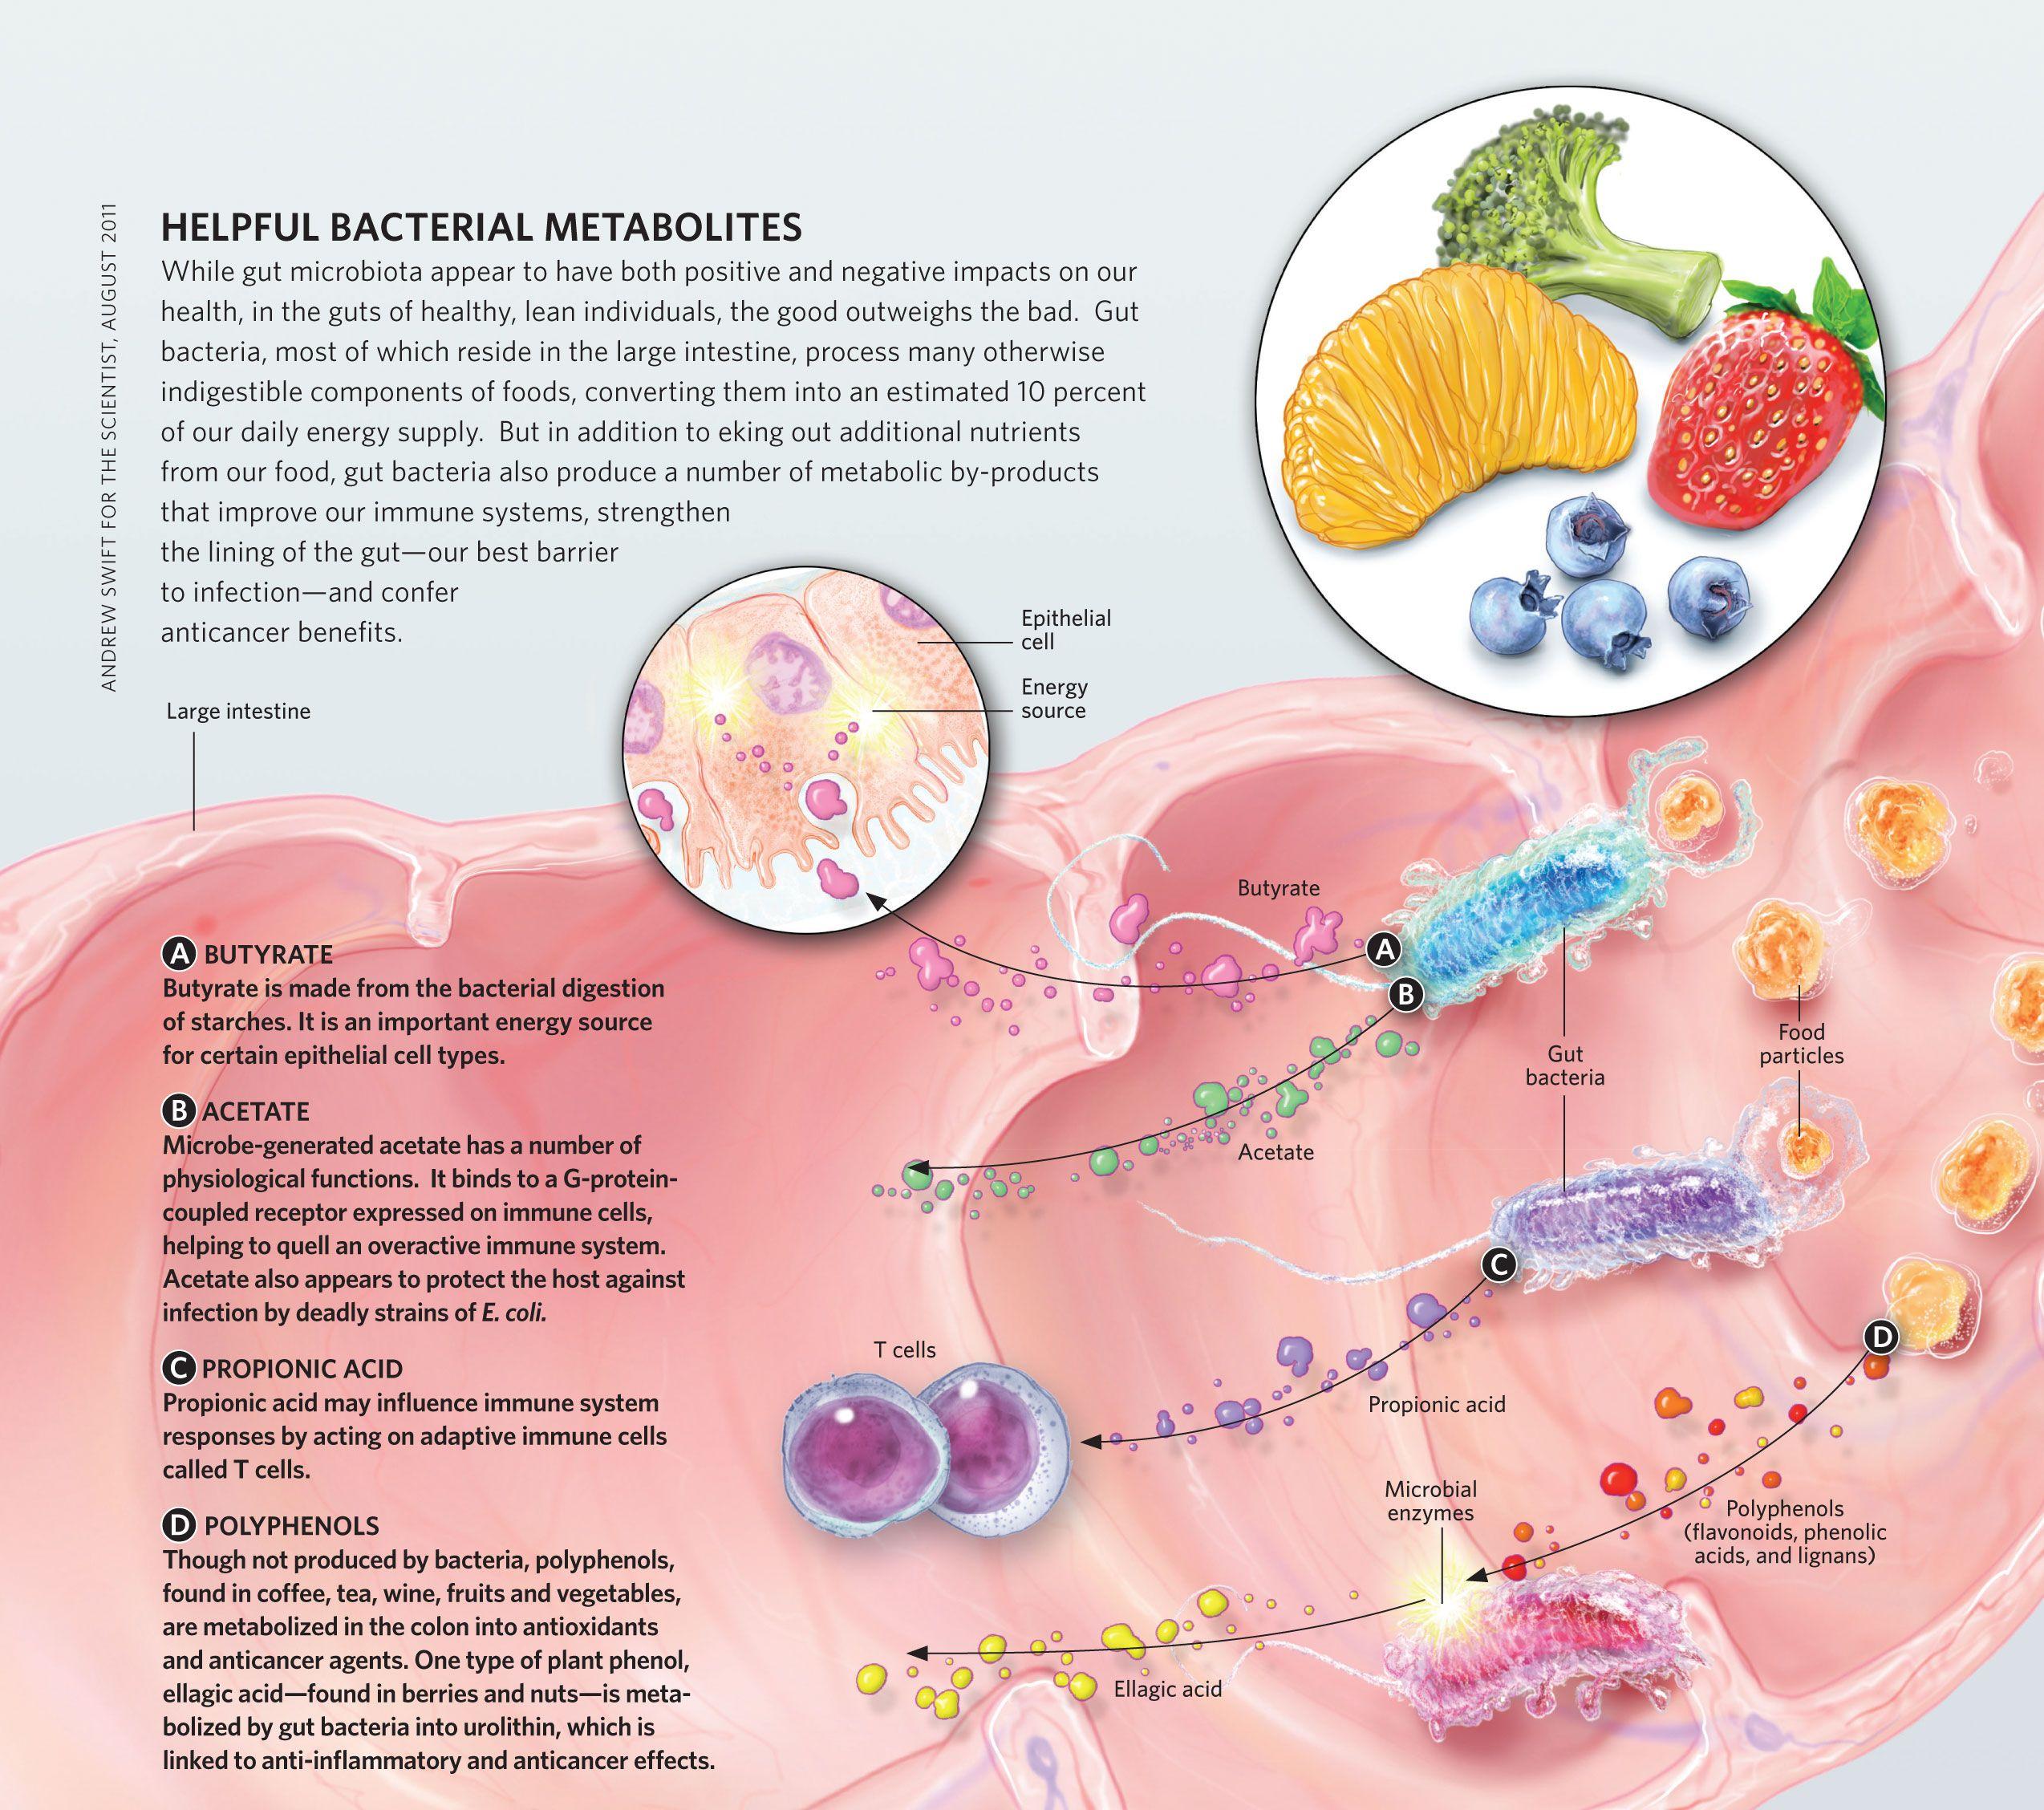 Helpful Bacterial Metabolites